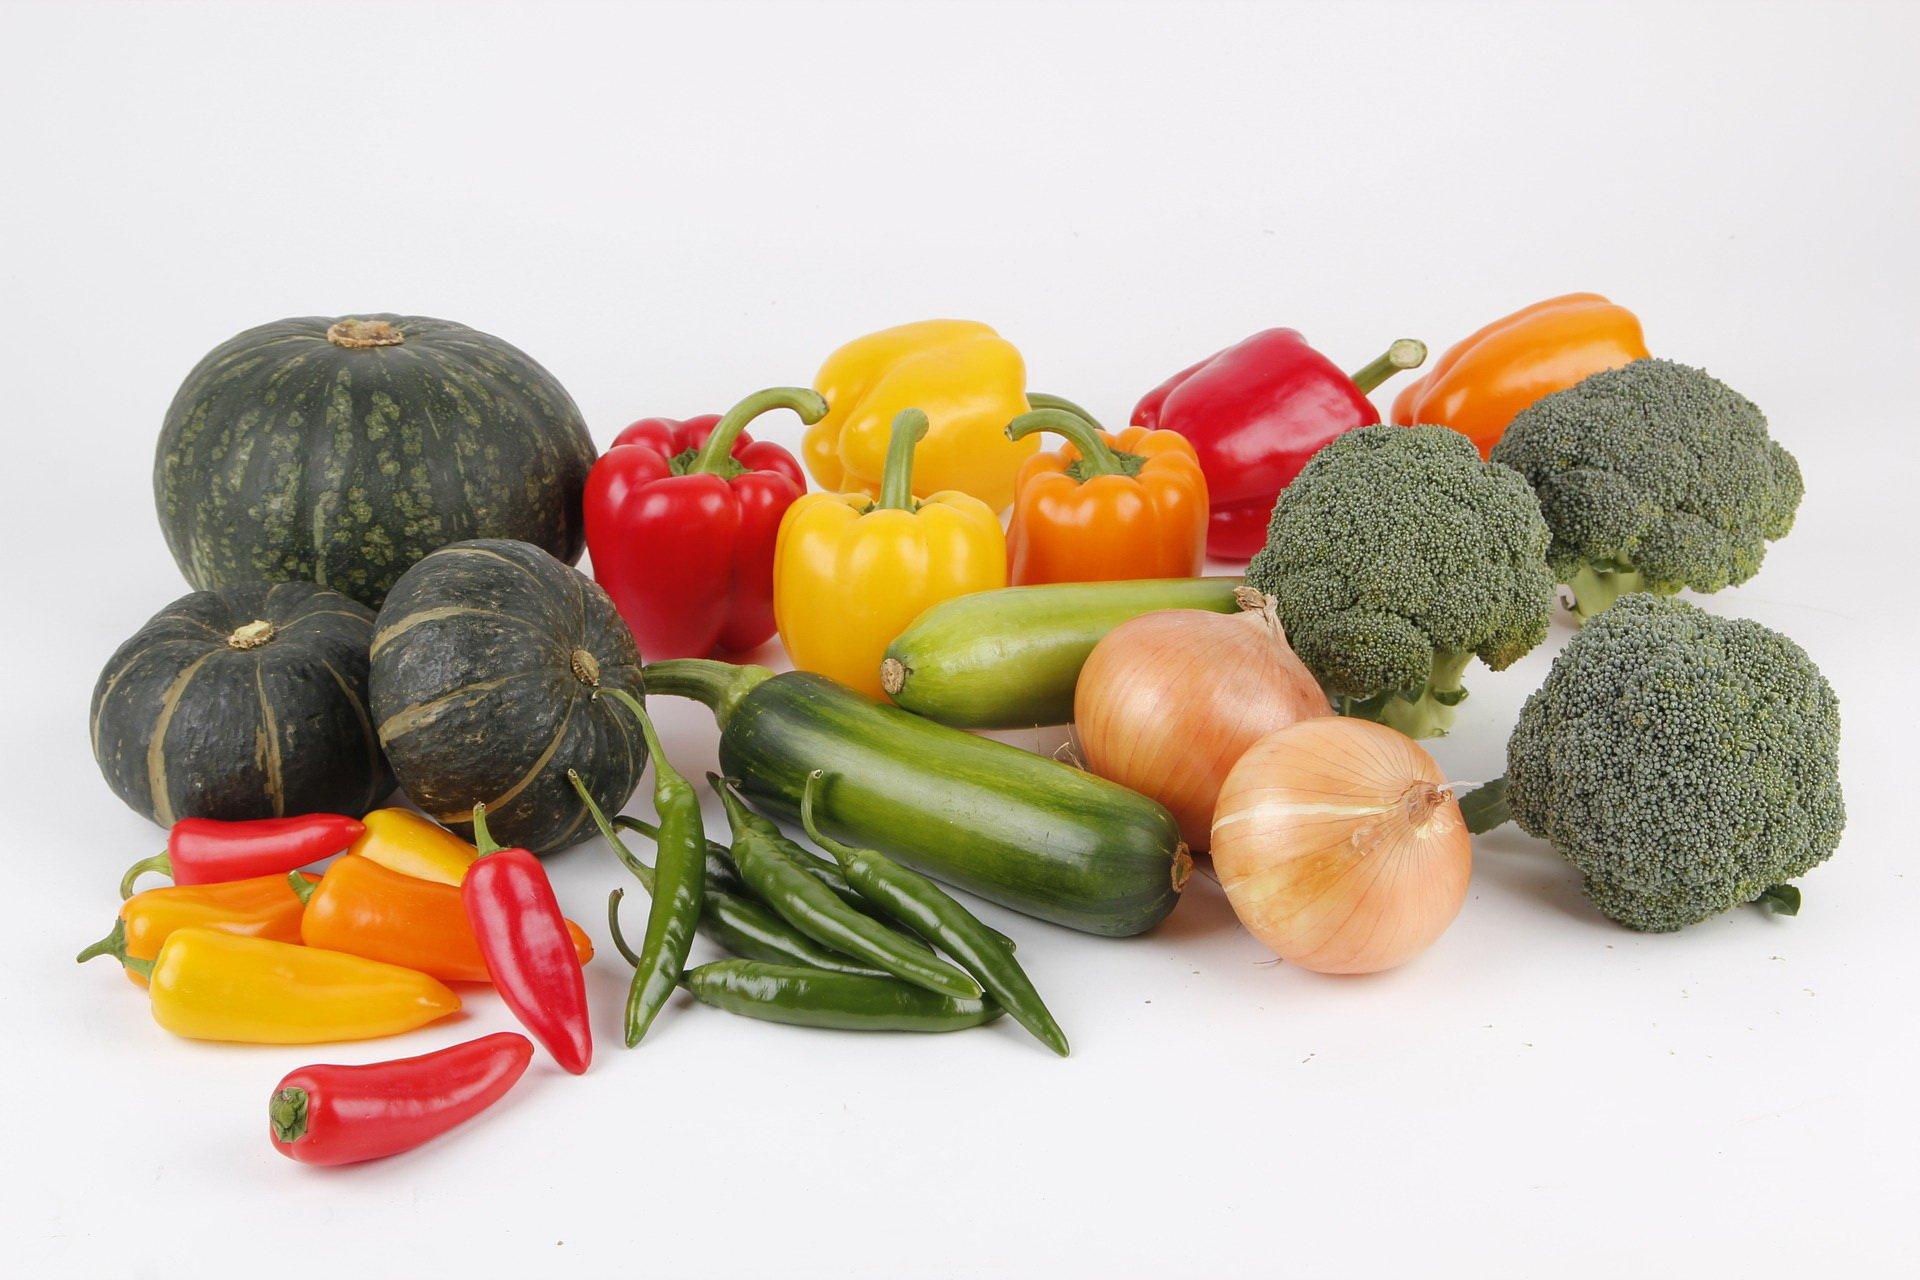 Quiz o warzywach dla dzieci, darmowe quizy dla dzieci z odpowiedziami